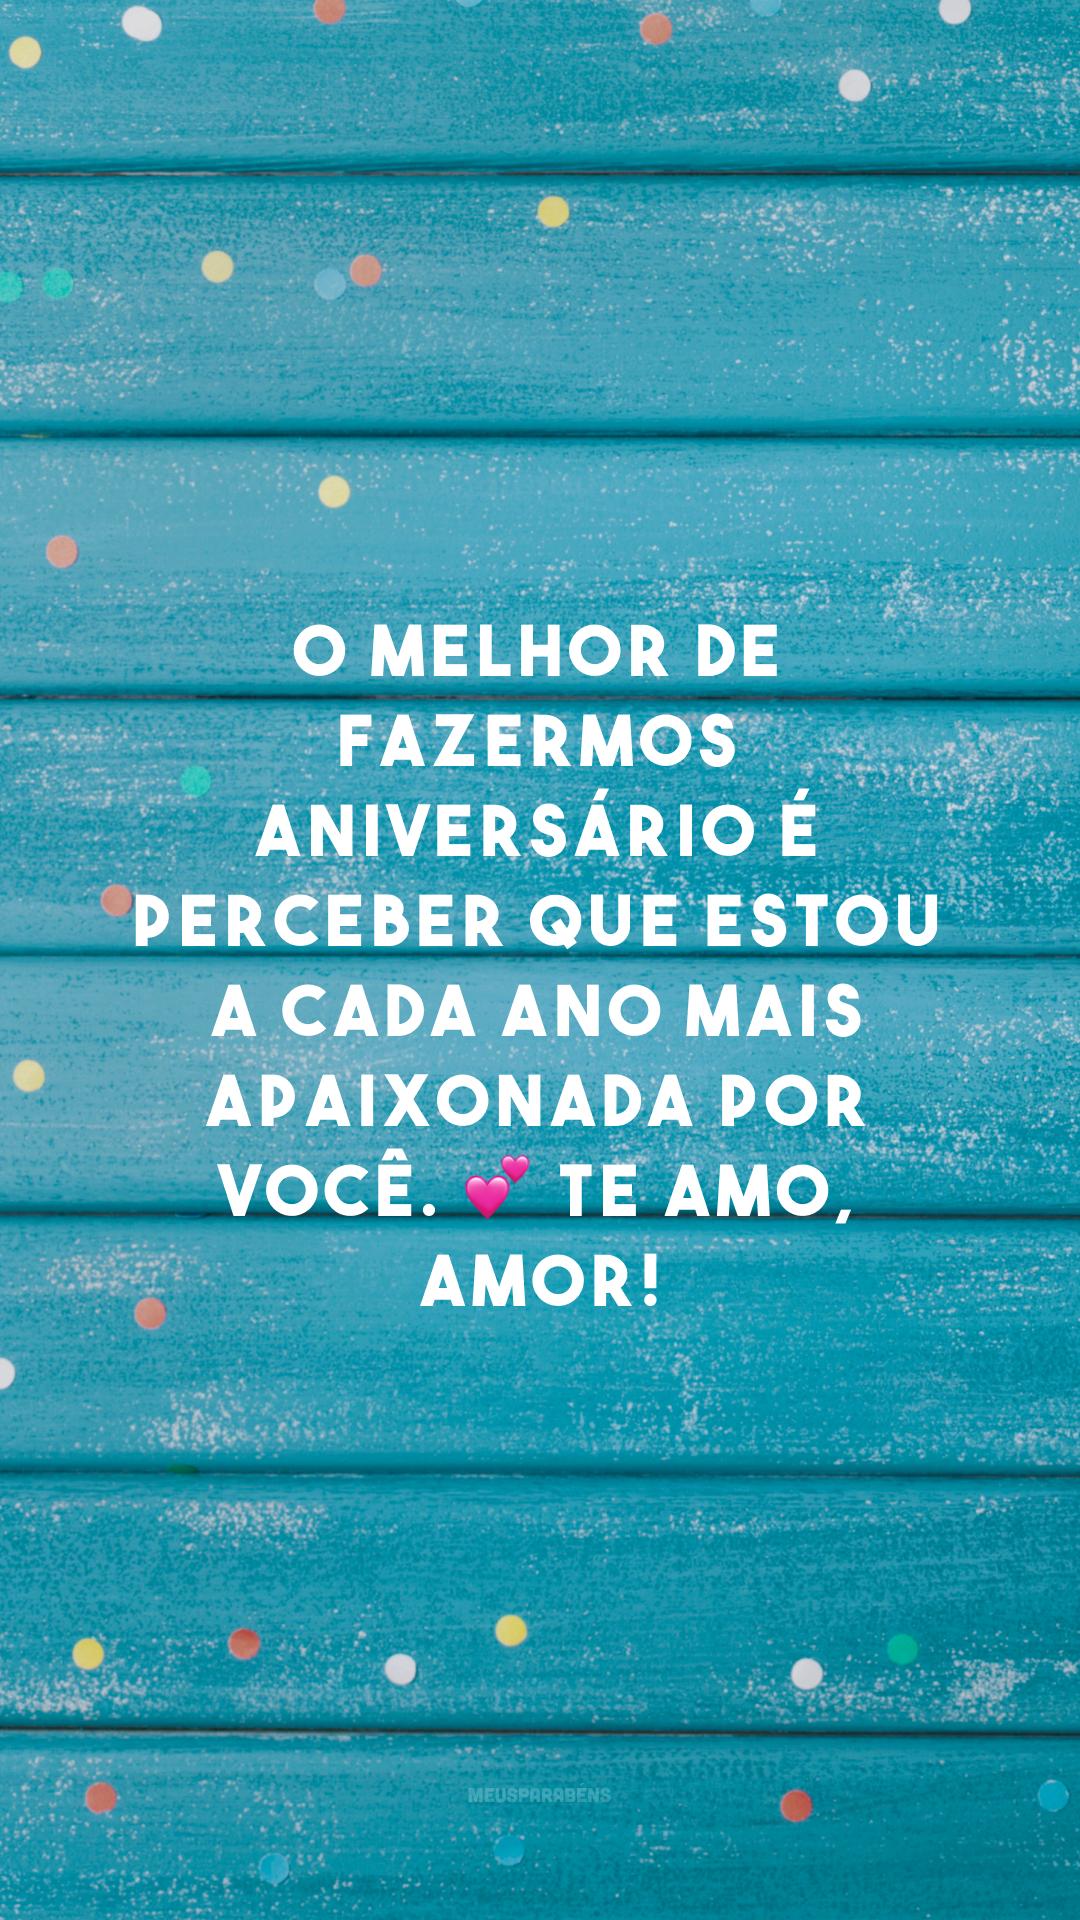 O melhor de fazermos aniversário é perceber que estou a cada ano mais apaixonada por você. 💕 Te amo, amor!